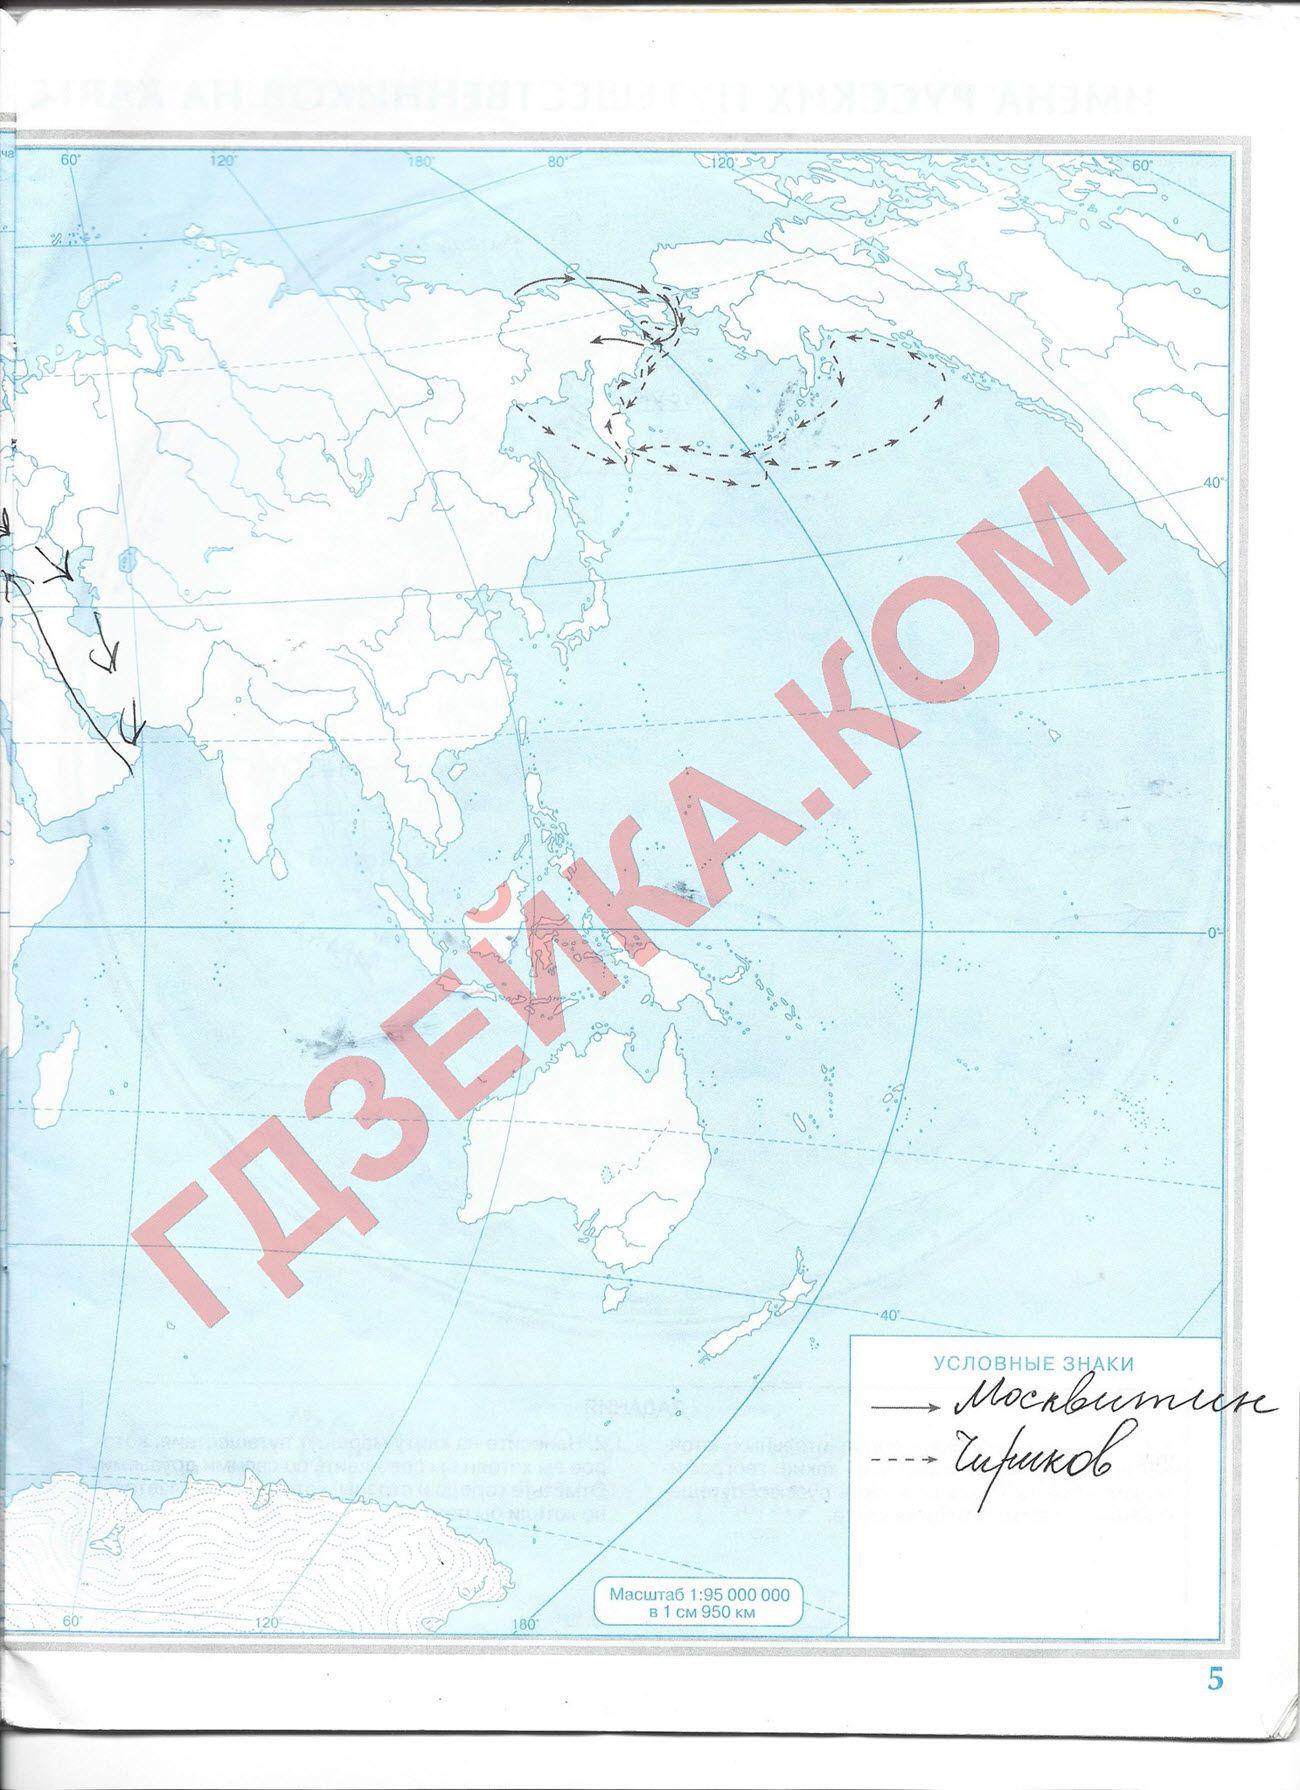 Социально-экономическая география мира решебник практических работ читать бесплатно